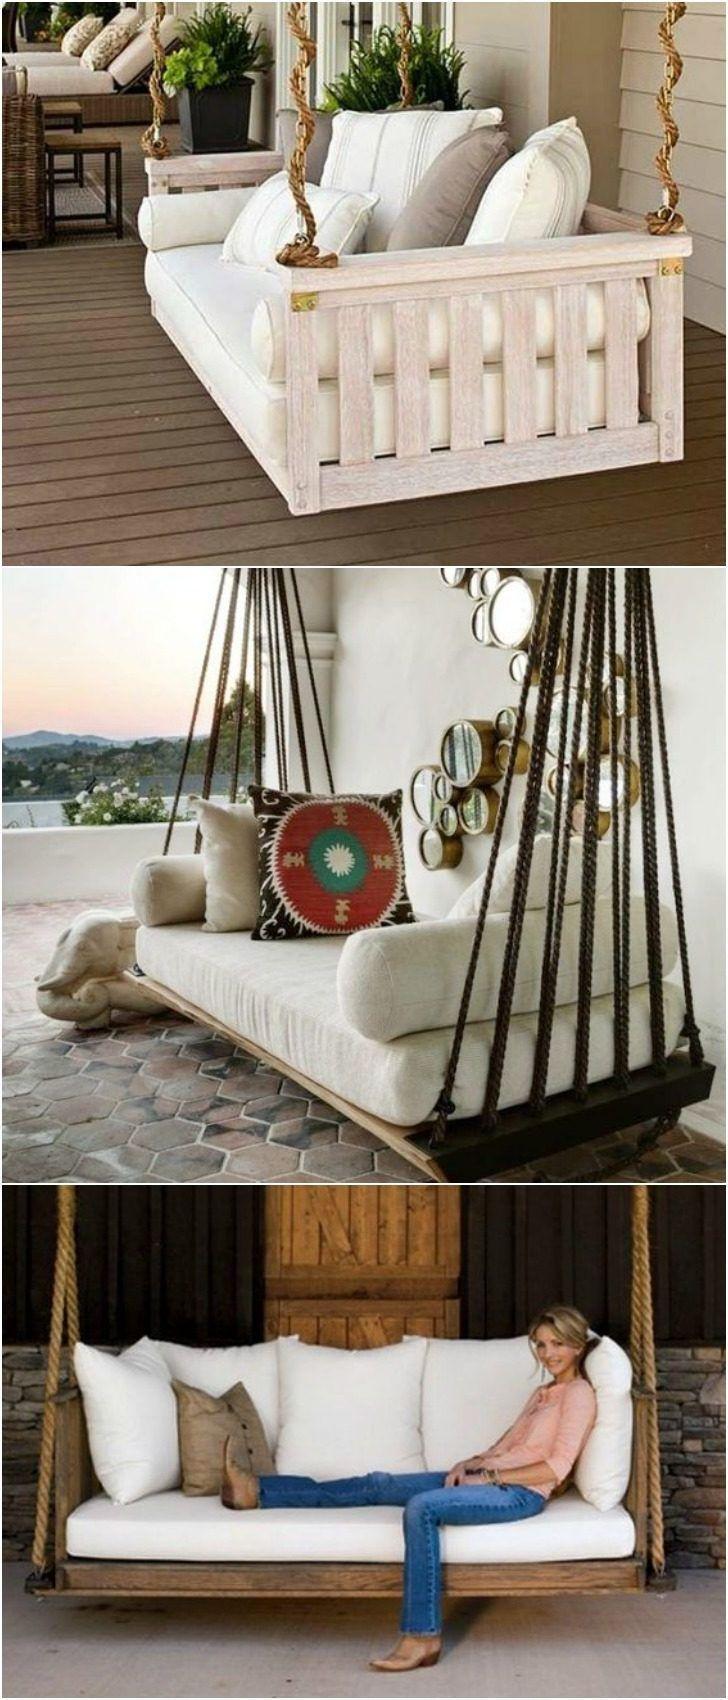 die 25 besten holzhaus ideen auf pinterest einfamilienh user wohnen und landart h user. Black Bedroom Furniture Sets. Home Design Ideas